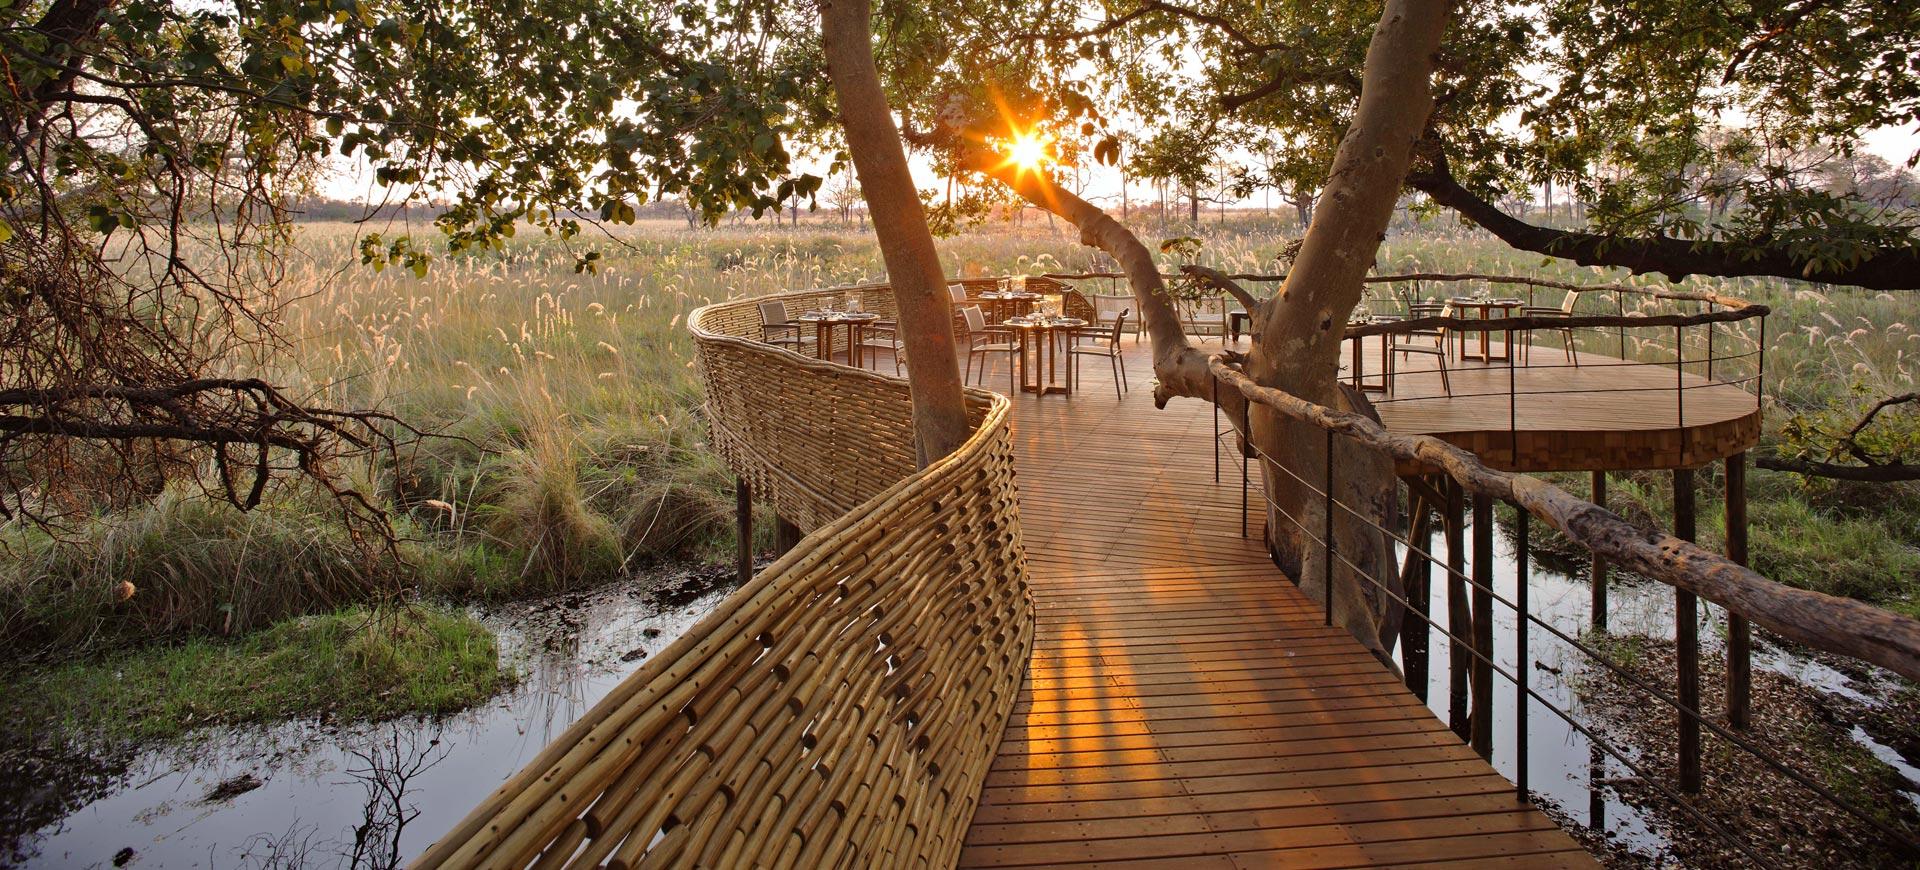 Sandibe Safari Lodge